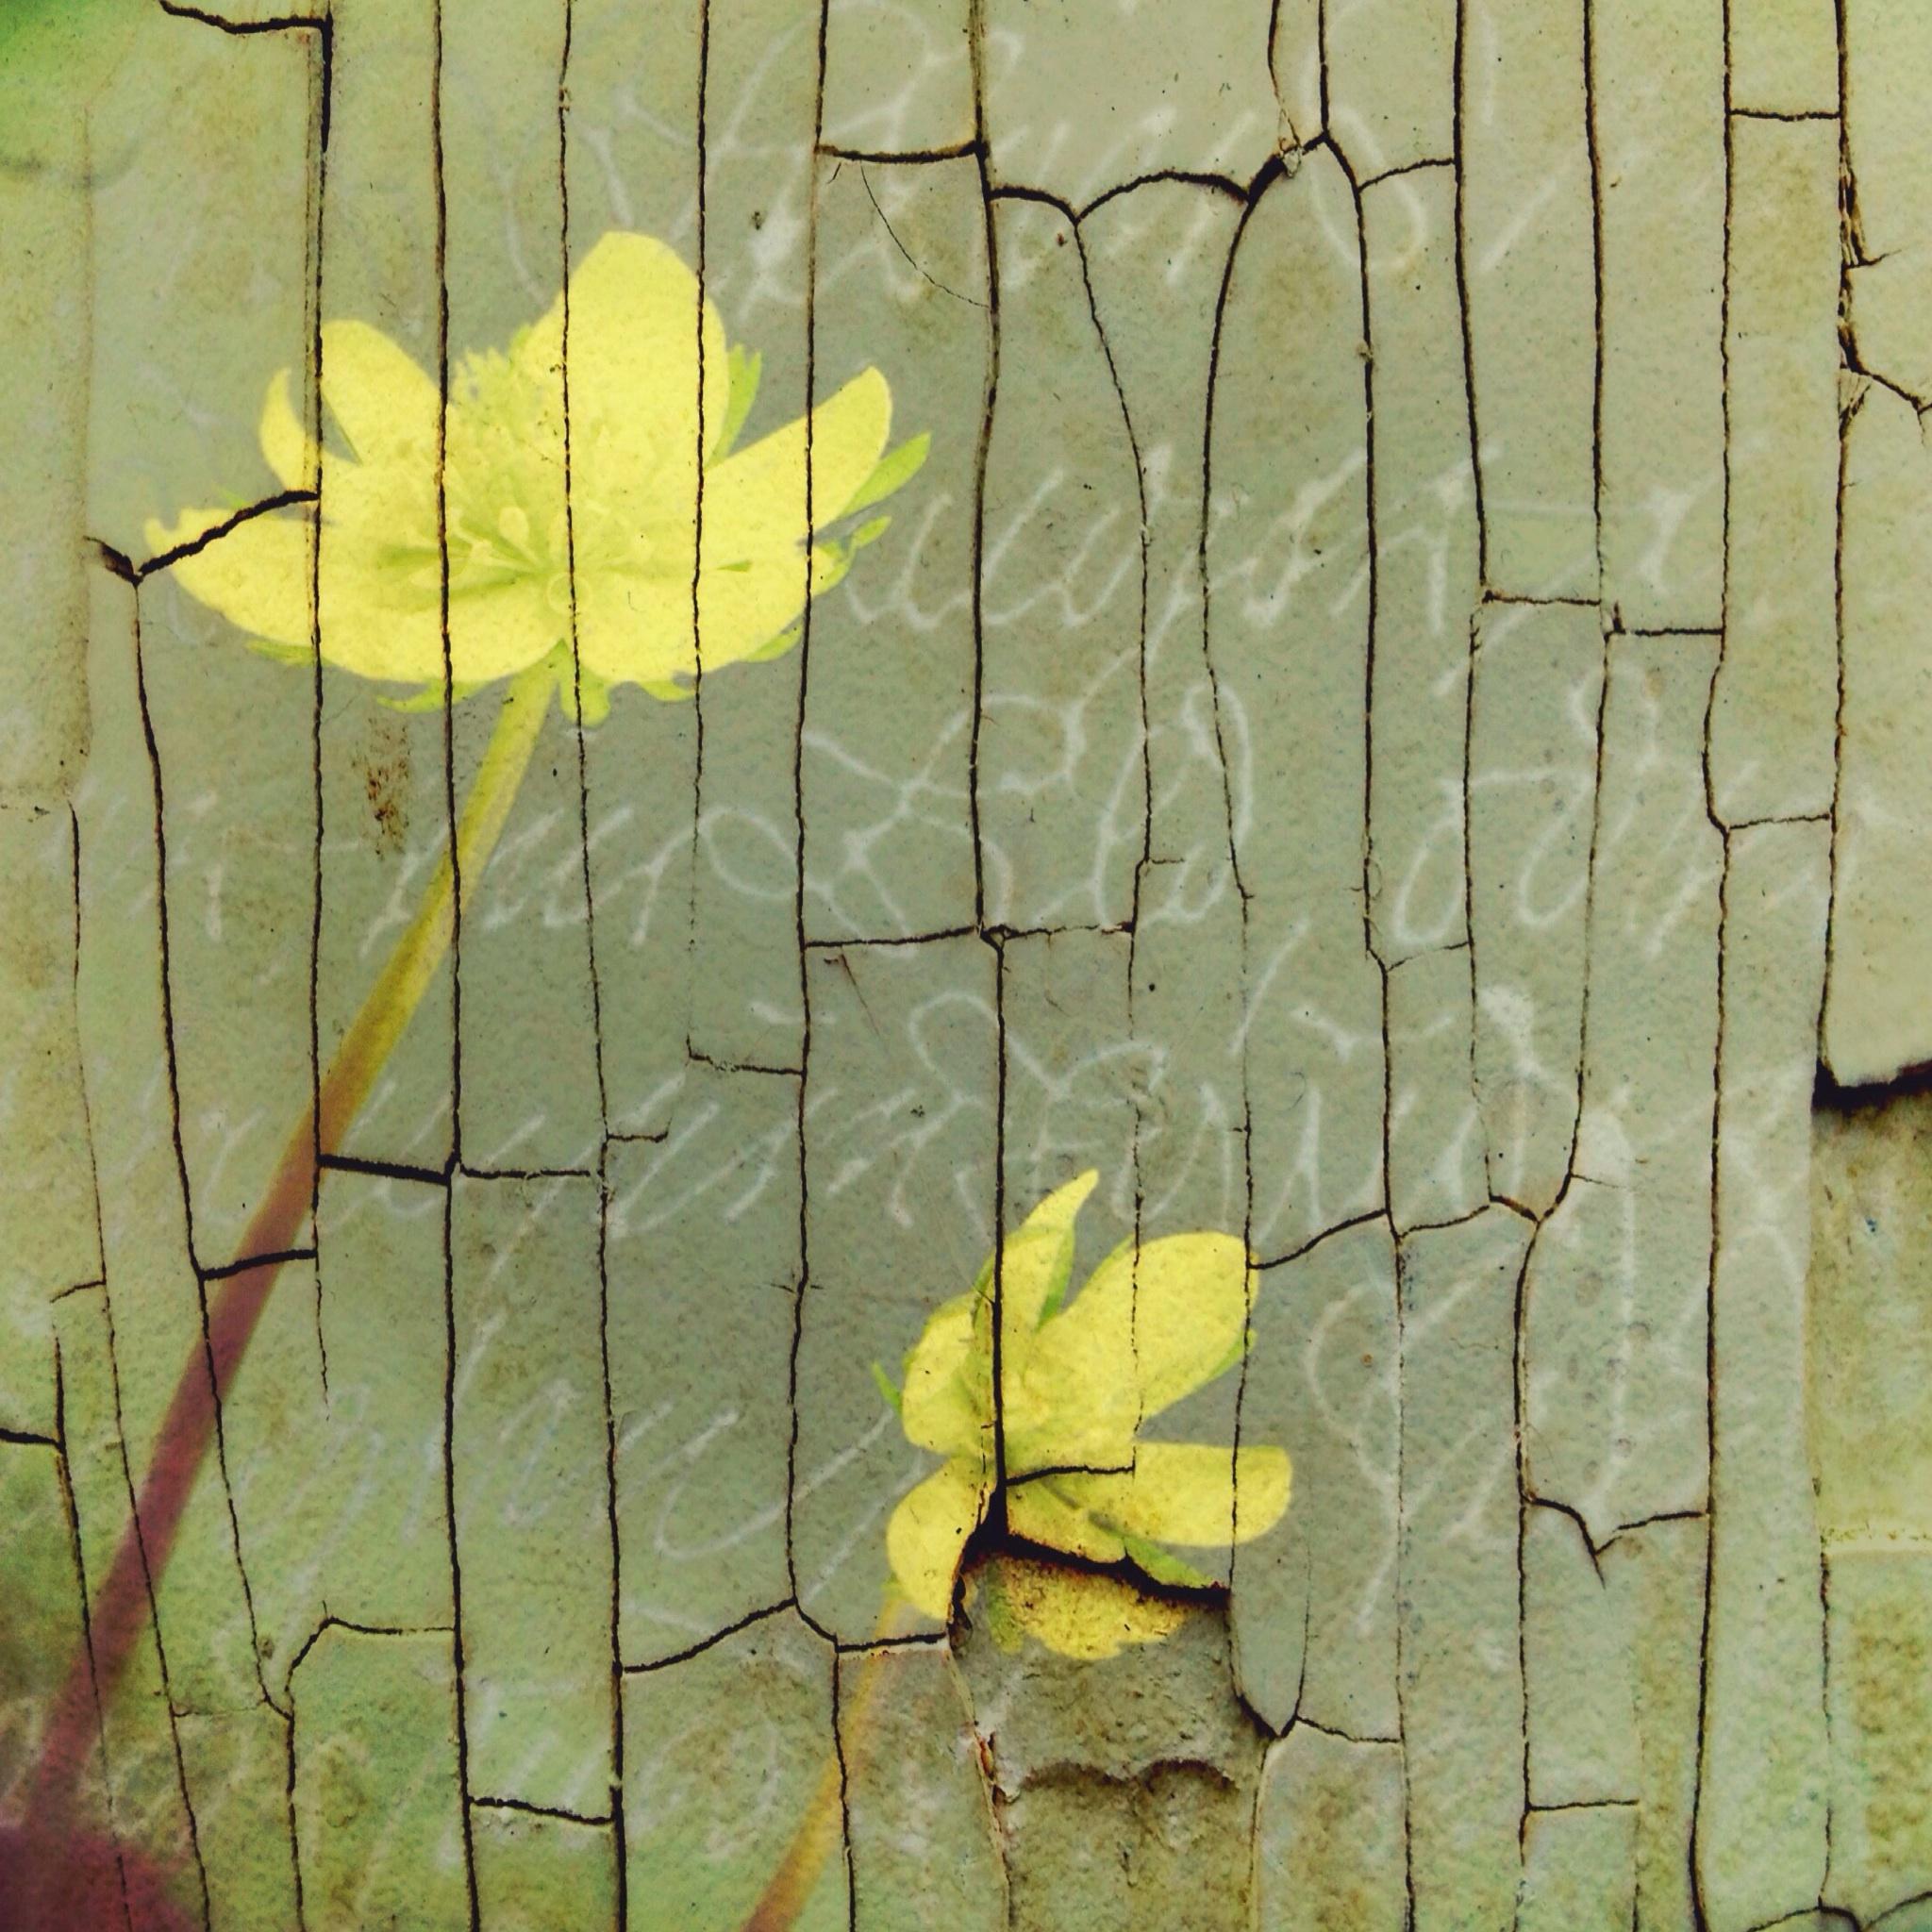 Kristin Moeller ~ Cracked nature